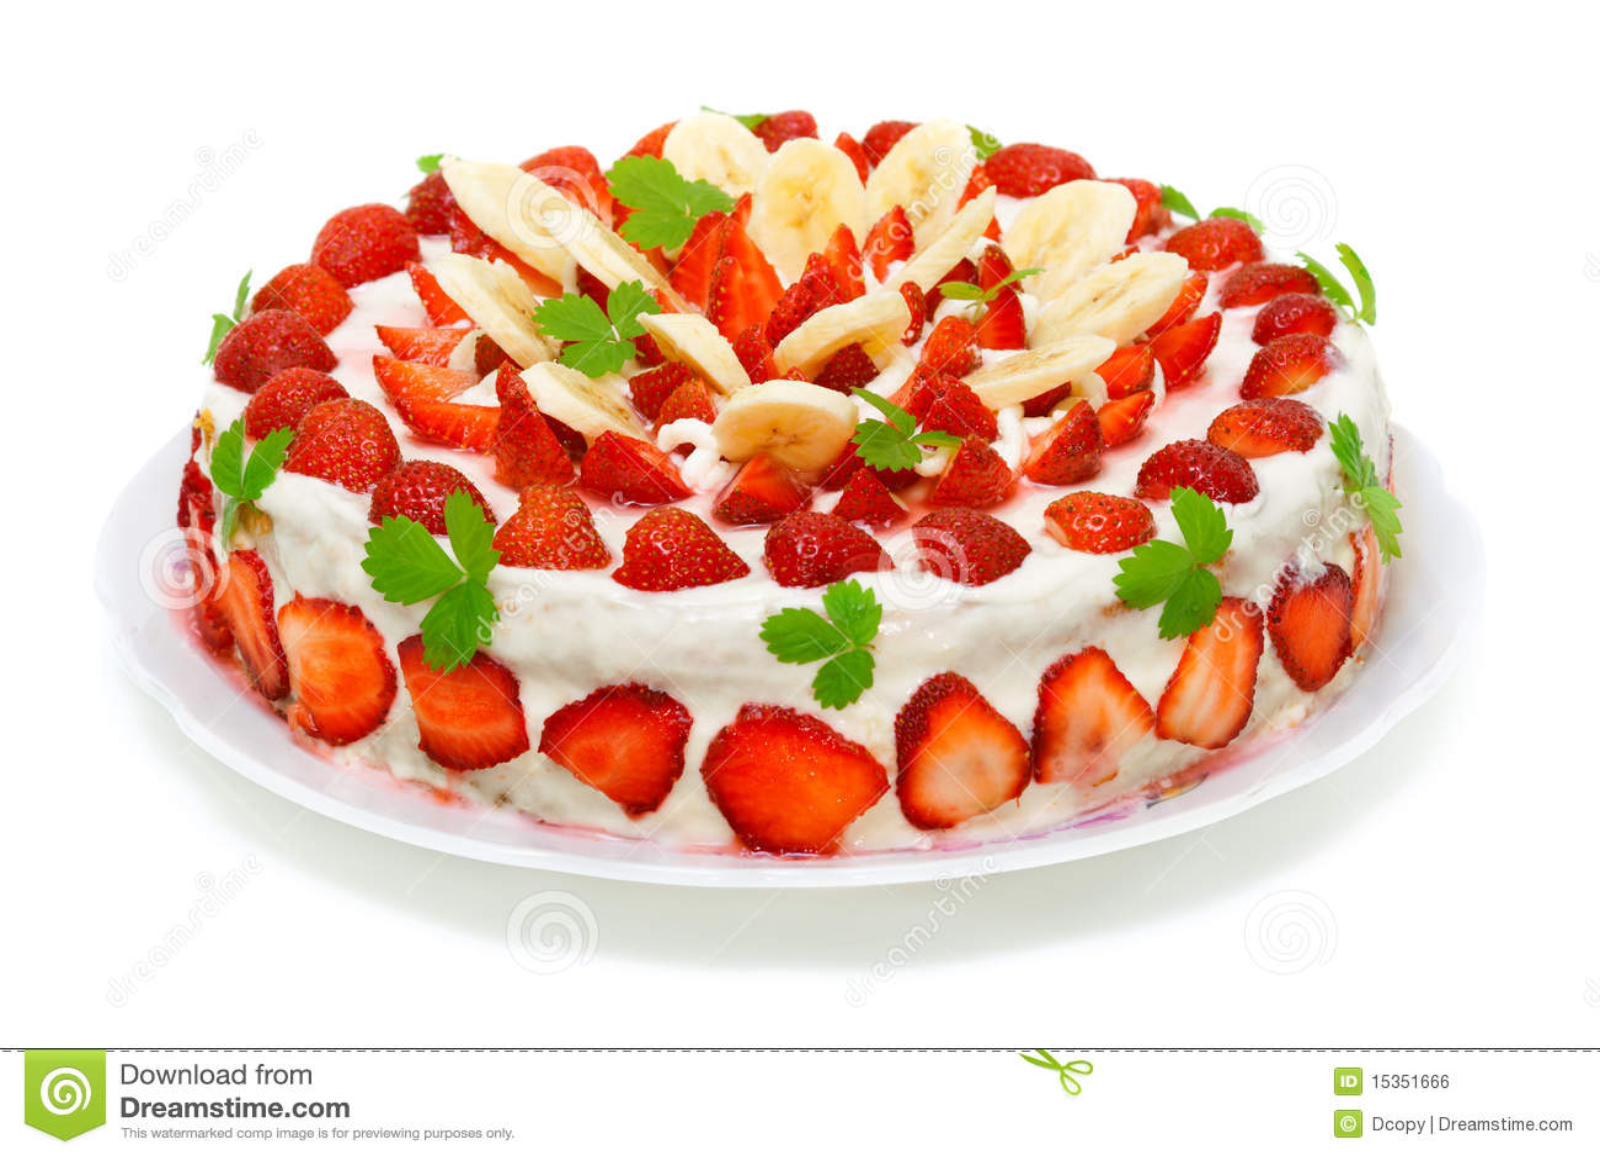 beautiful decorated fruit cake stock photo image 15351666